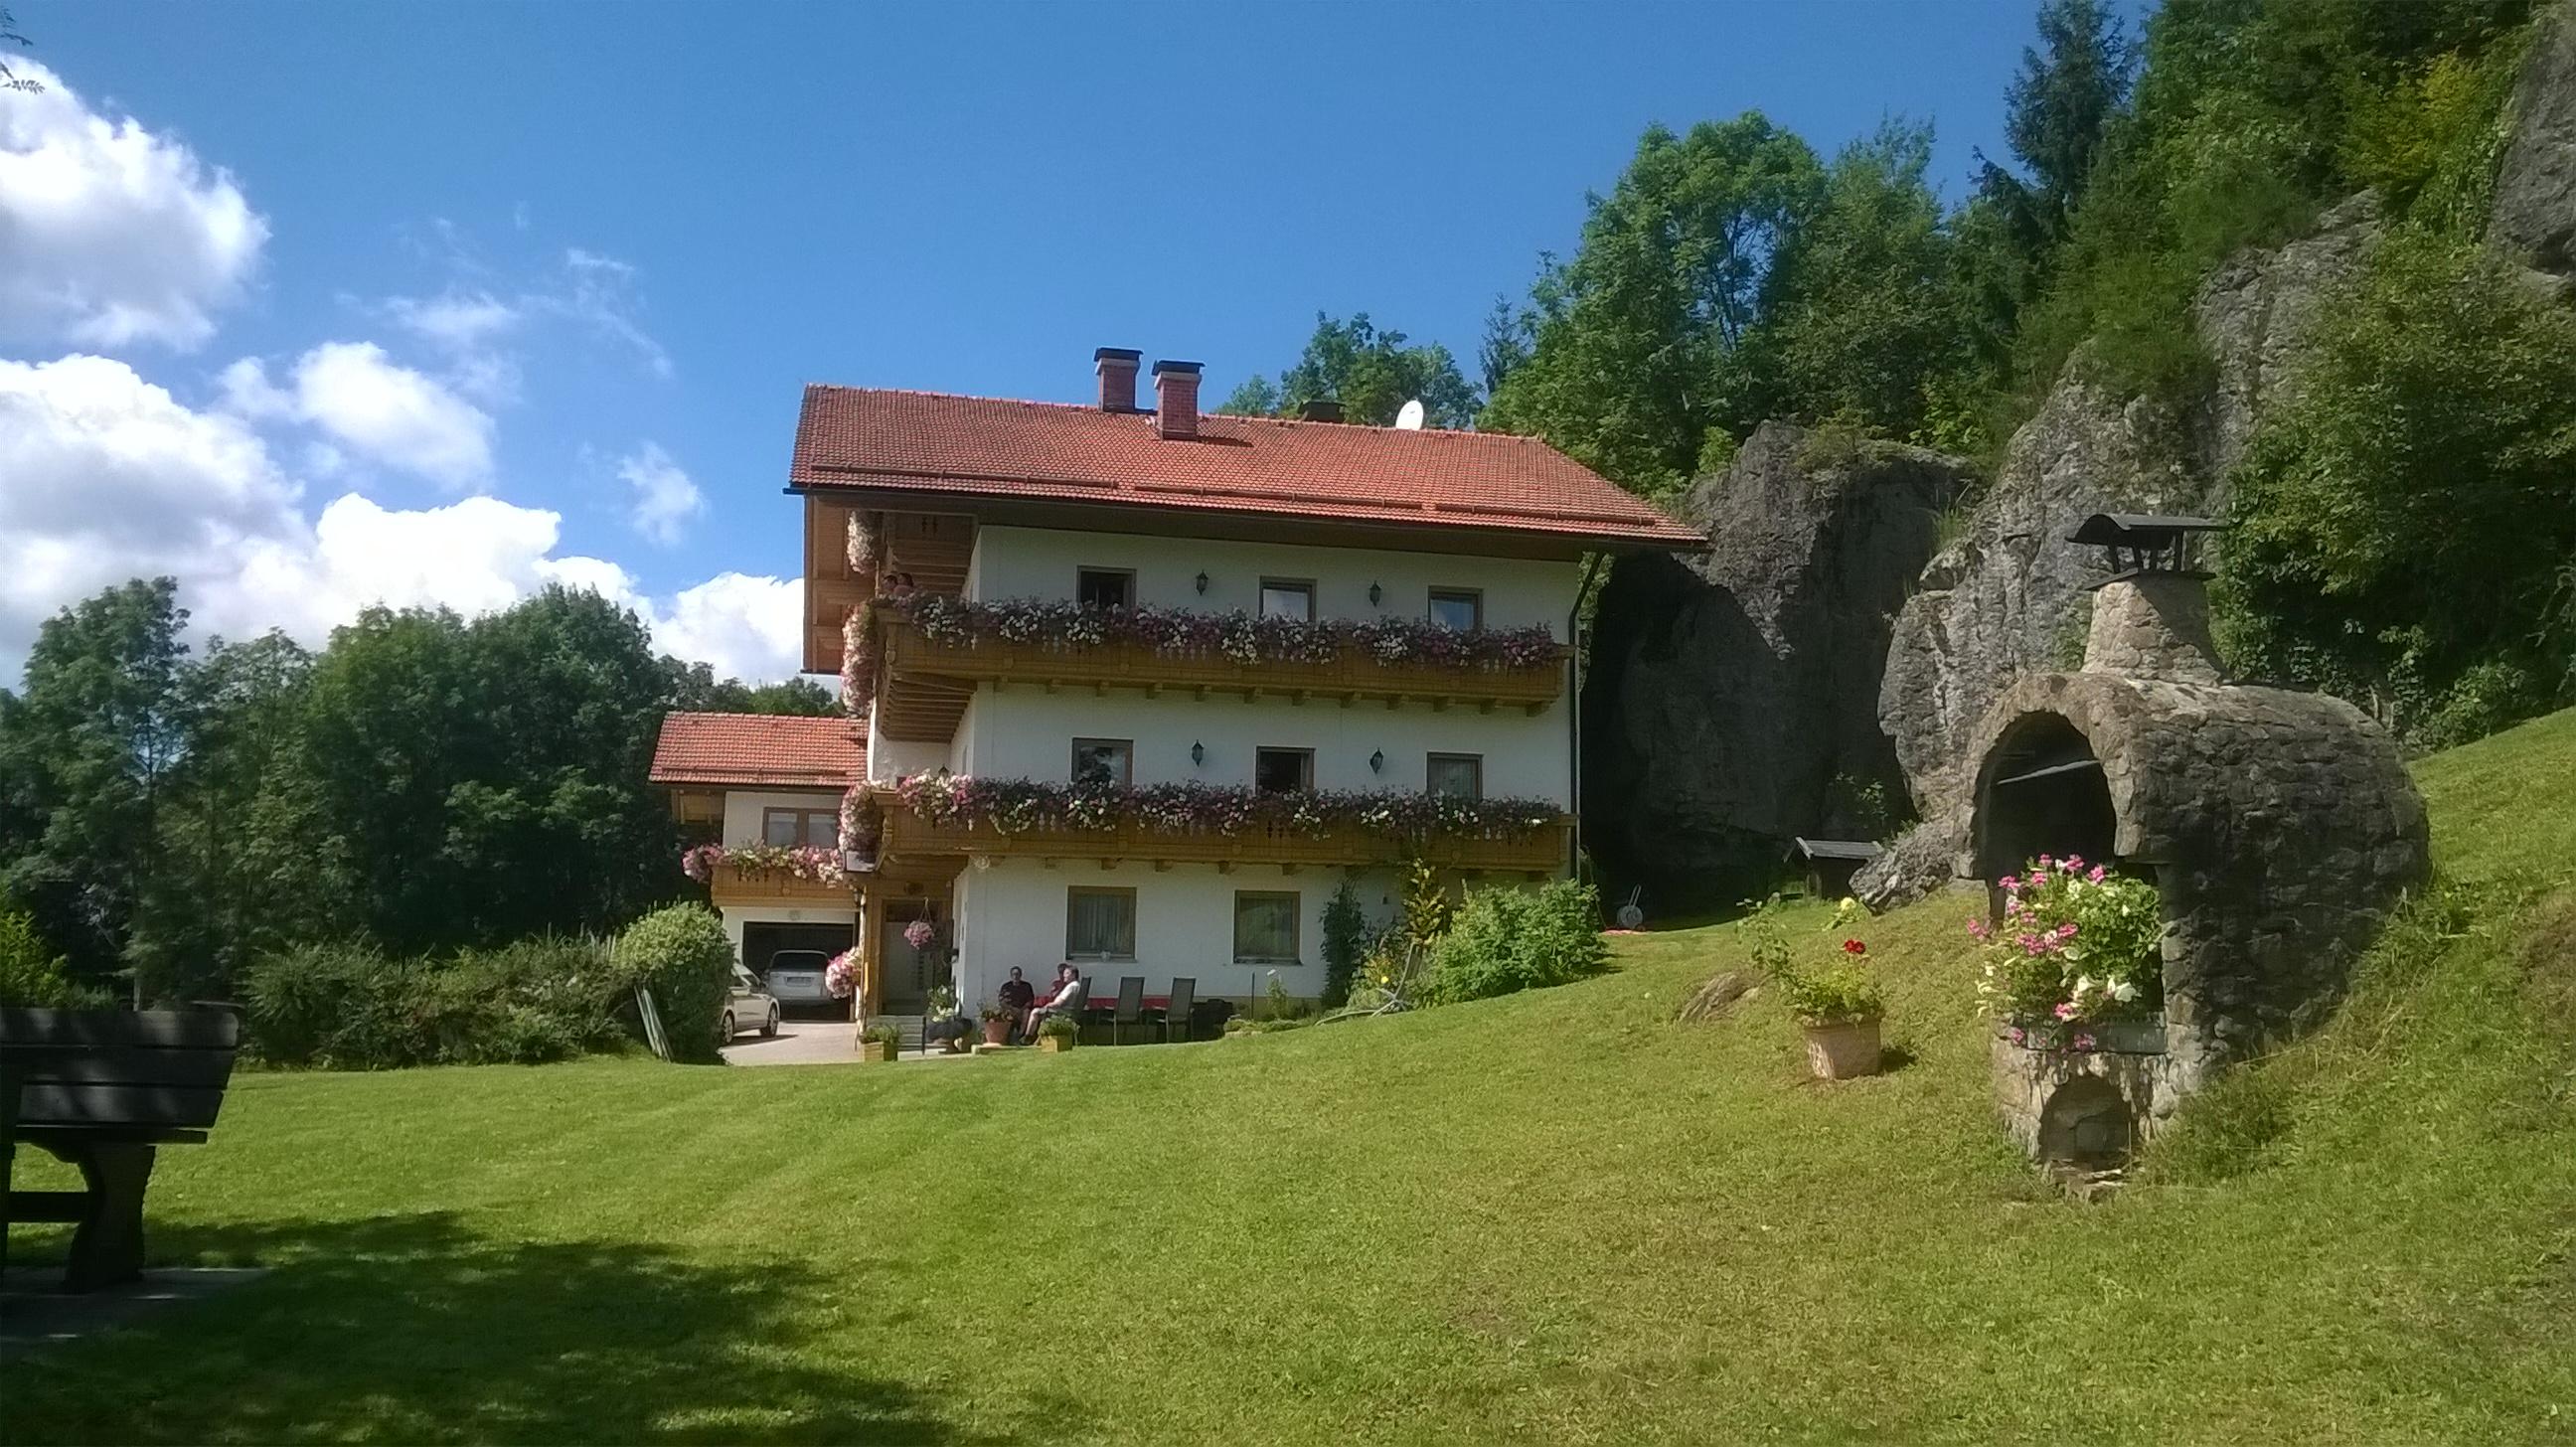 Haus Sonnenfels - BBQ Area